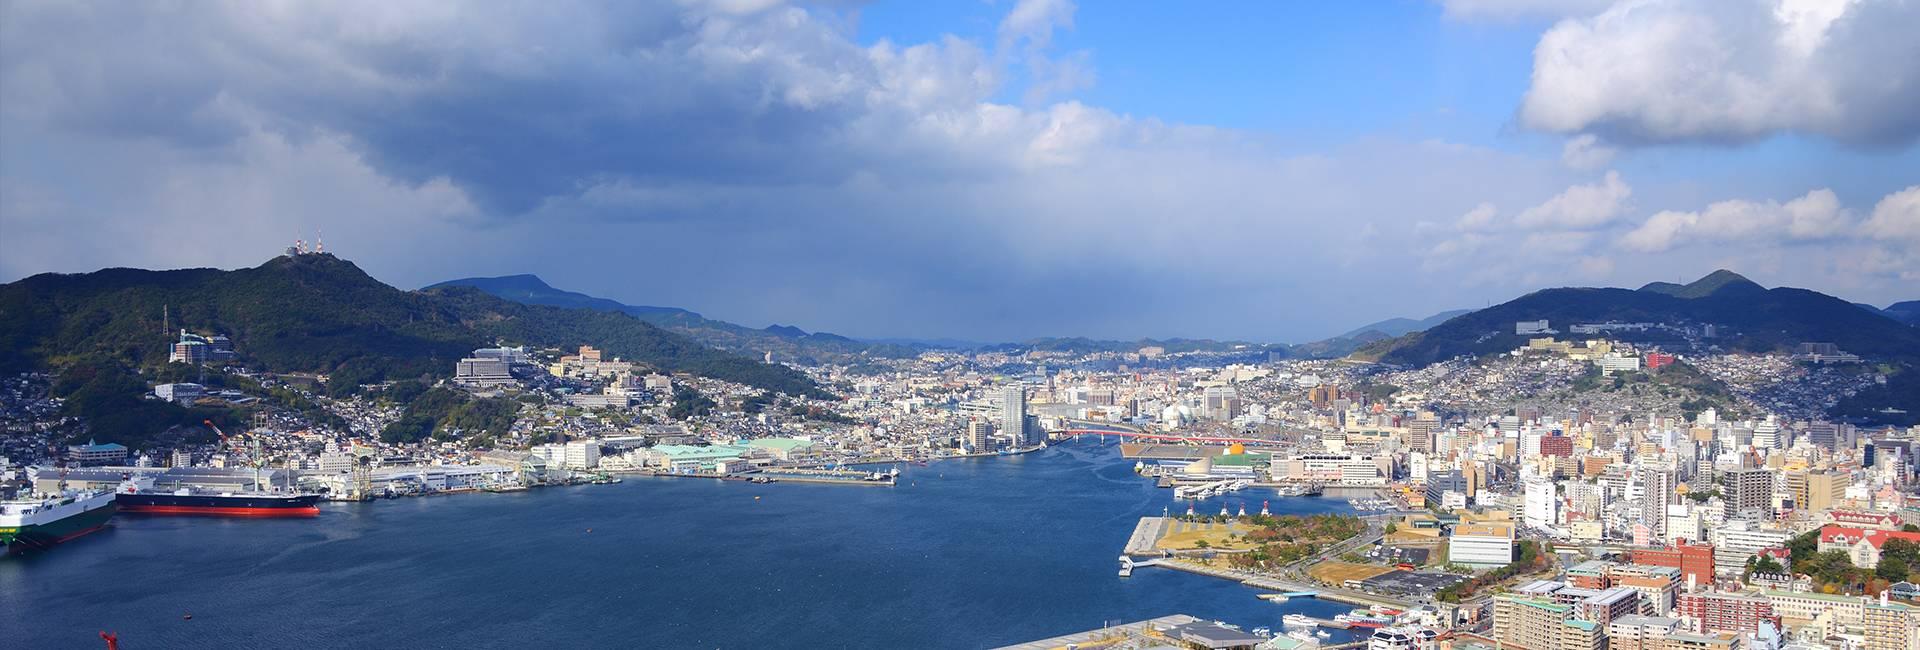 Nagasaki au Japon